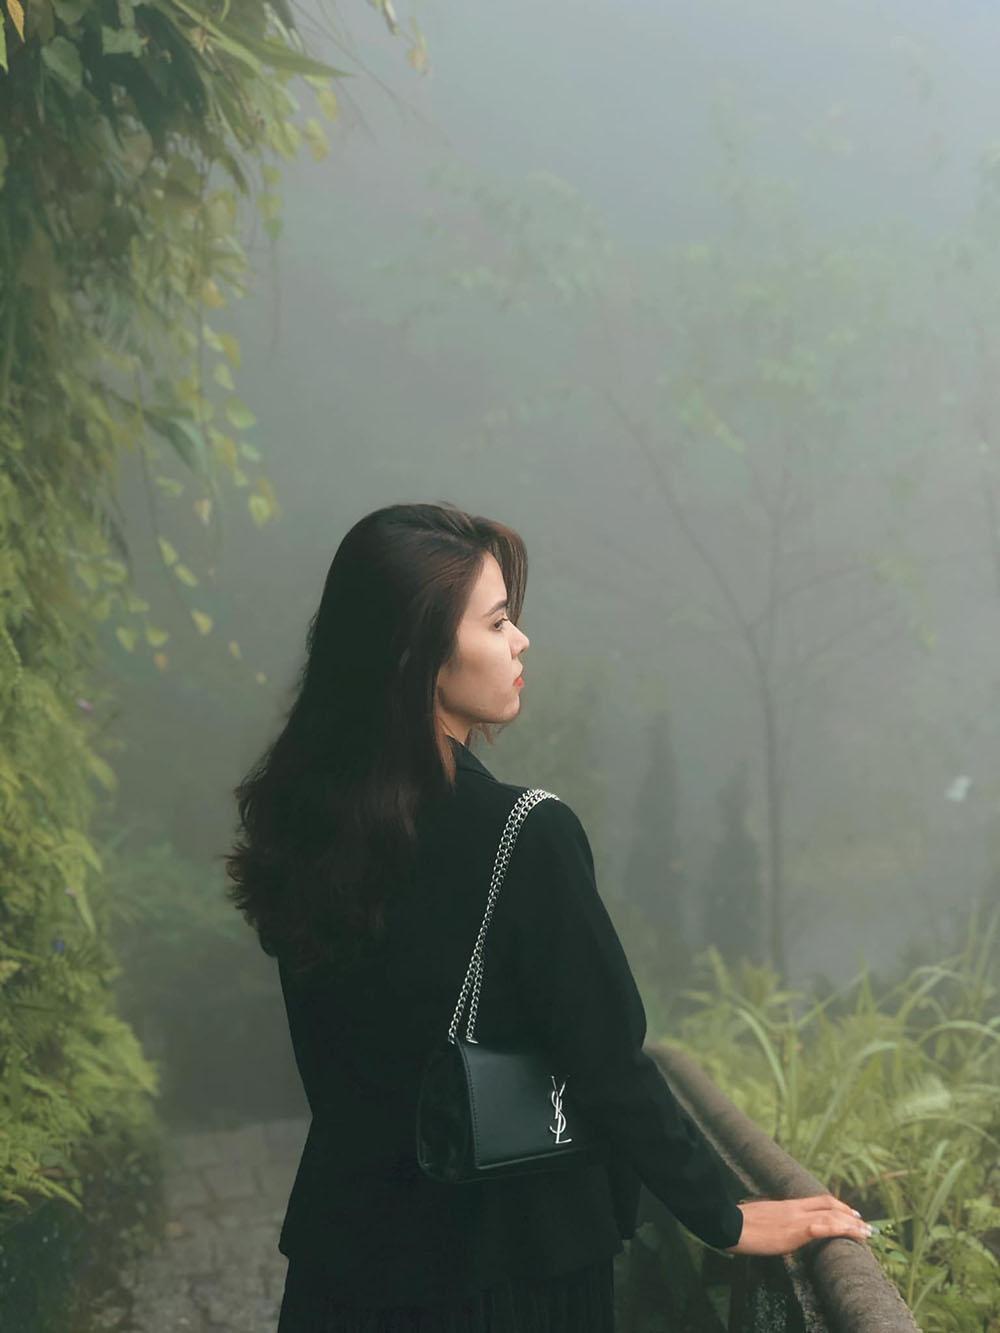 Vua Hoa Le Jardin Damor Review Hue Da Nang Hoi An Ninh Binh 7n7d Chi Voi 8 Trieu Tin Duoc Khong 02